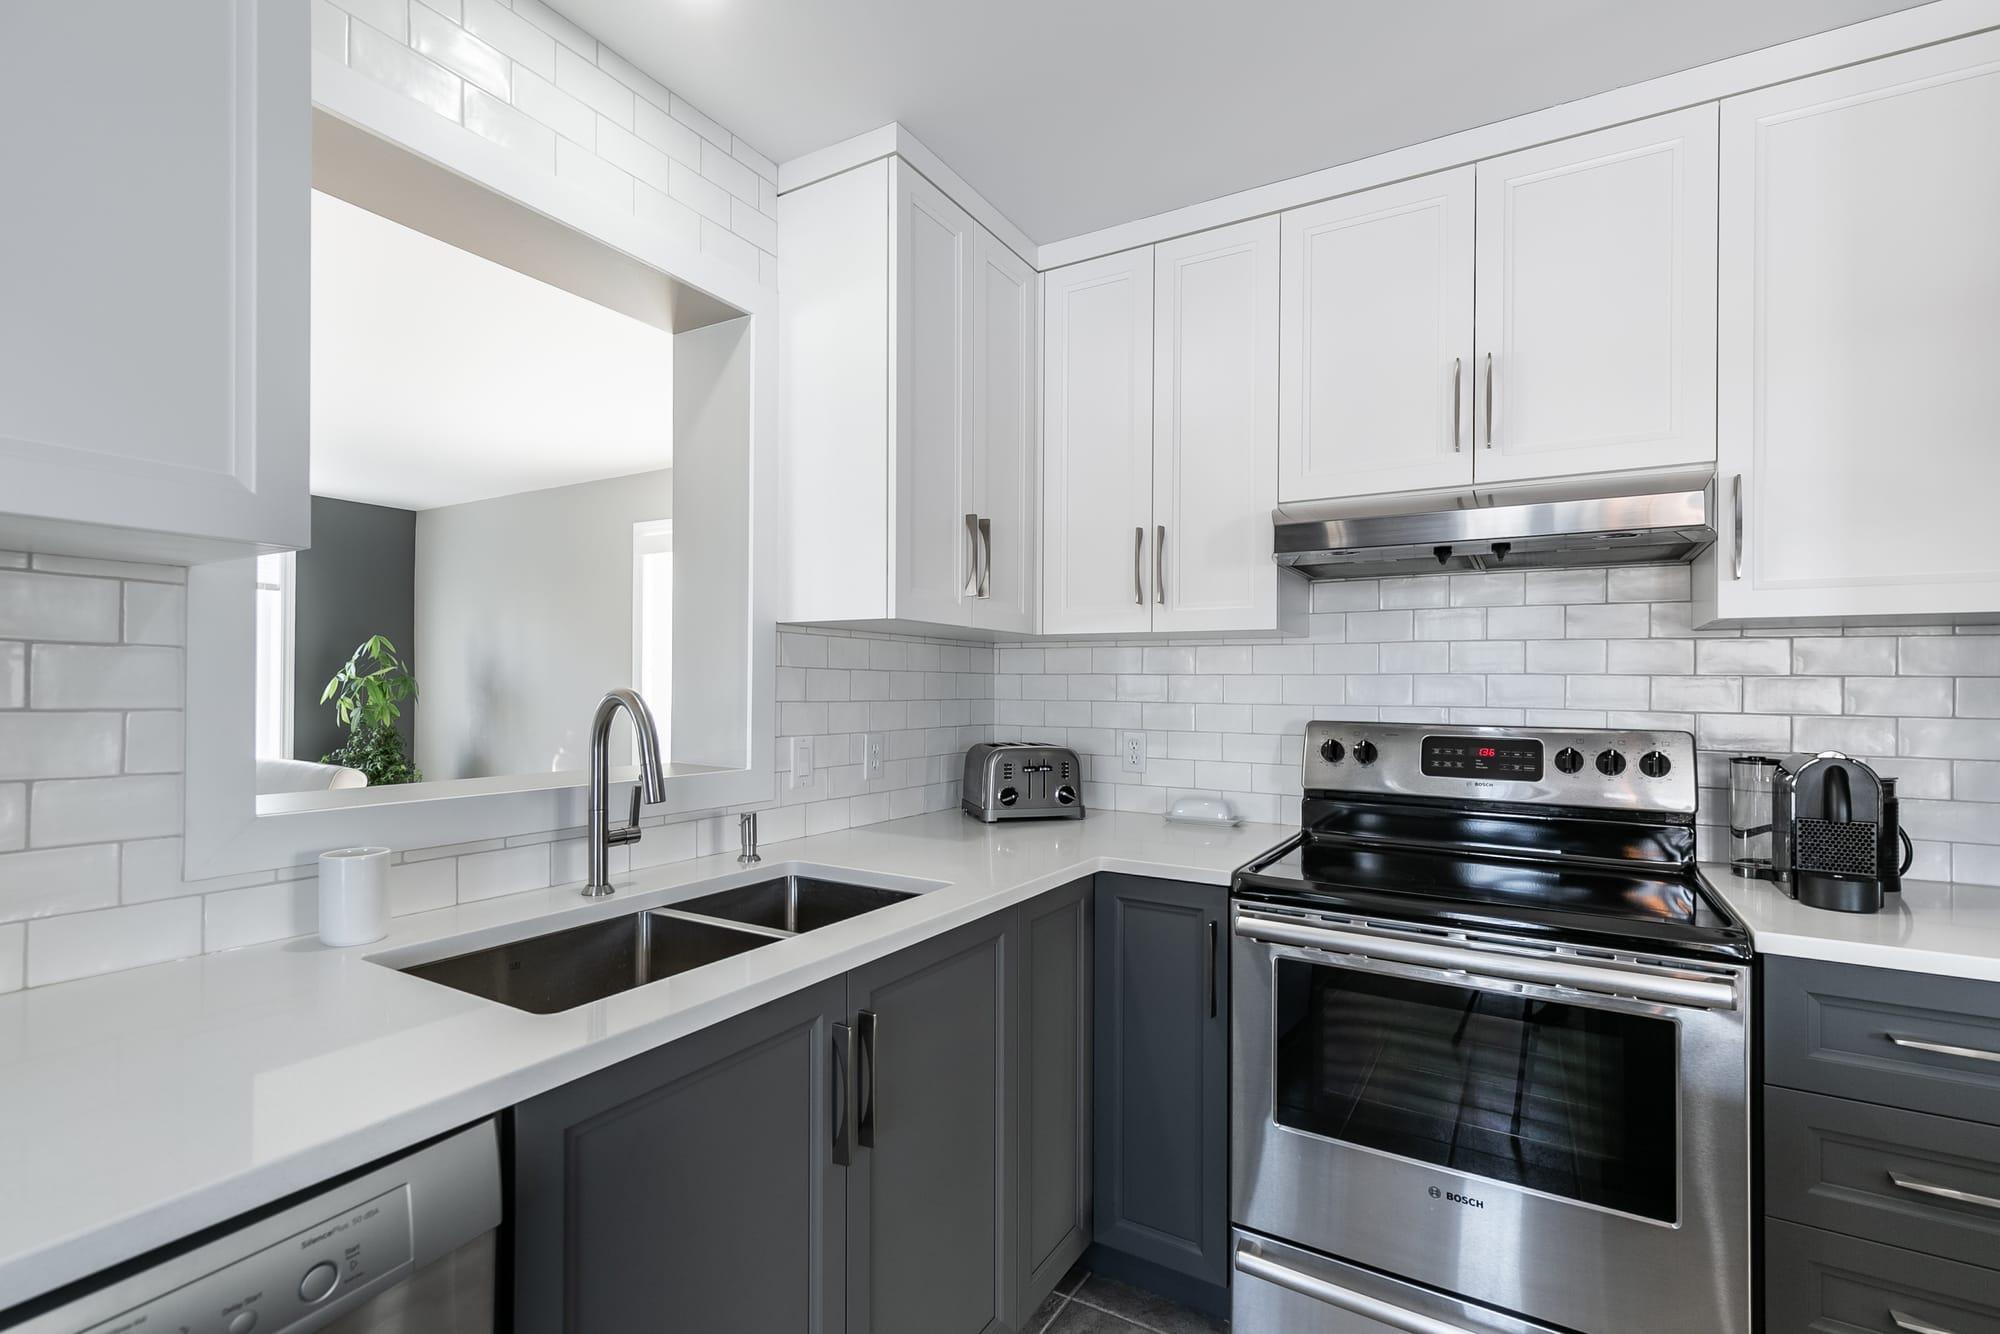 cuisine contemporaine grise et blanche avec cuisinière en stainless